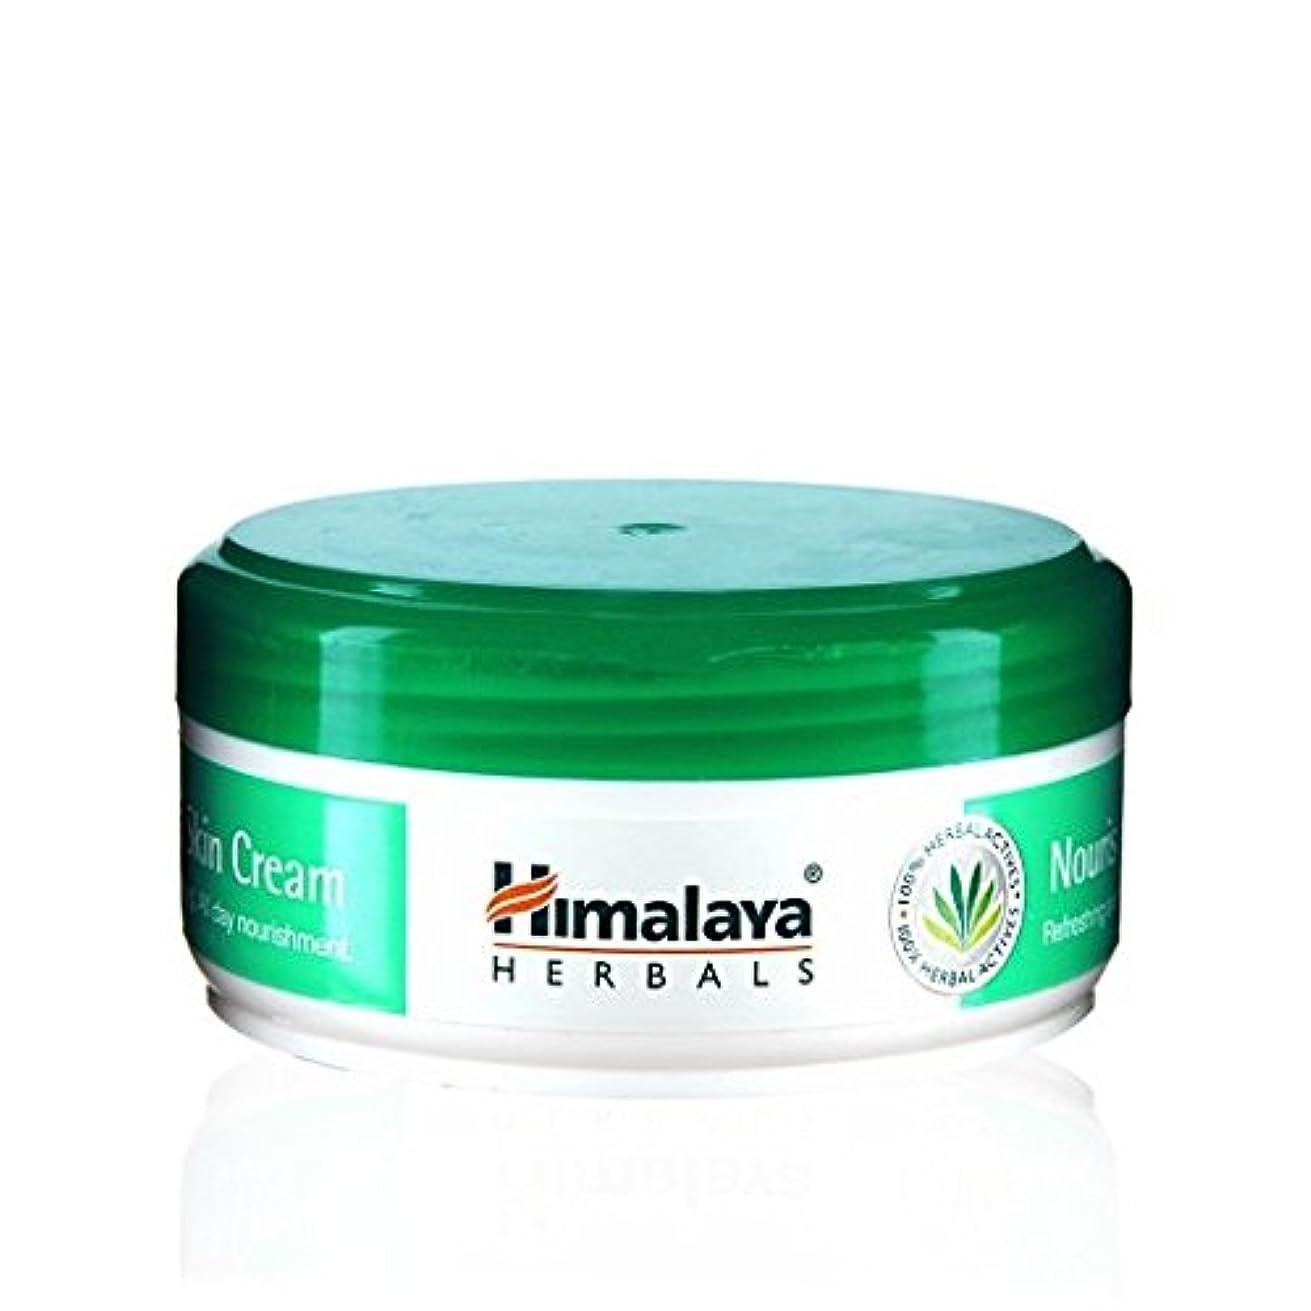 却下する広範囲に気分が悪いHimalaya Nourishing Skin Cream 250ml